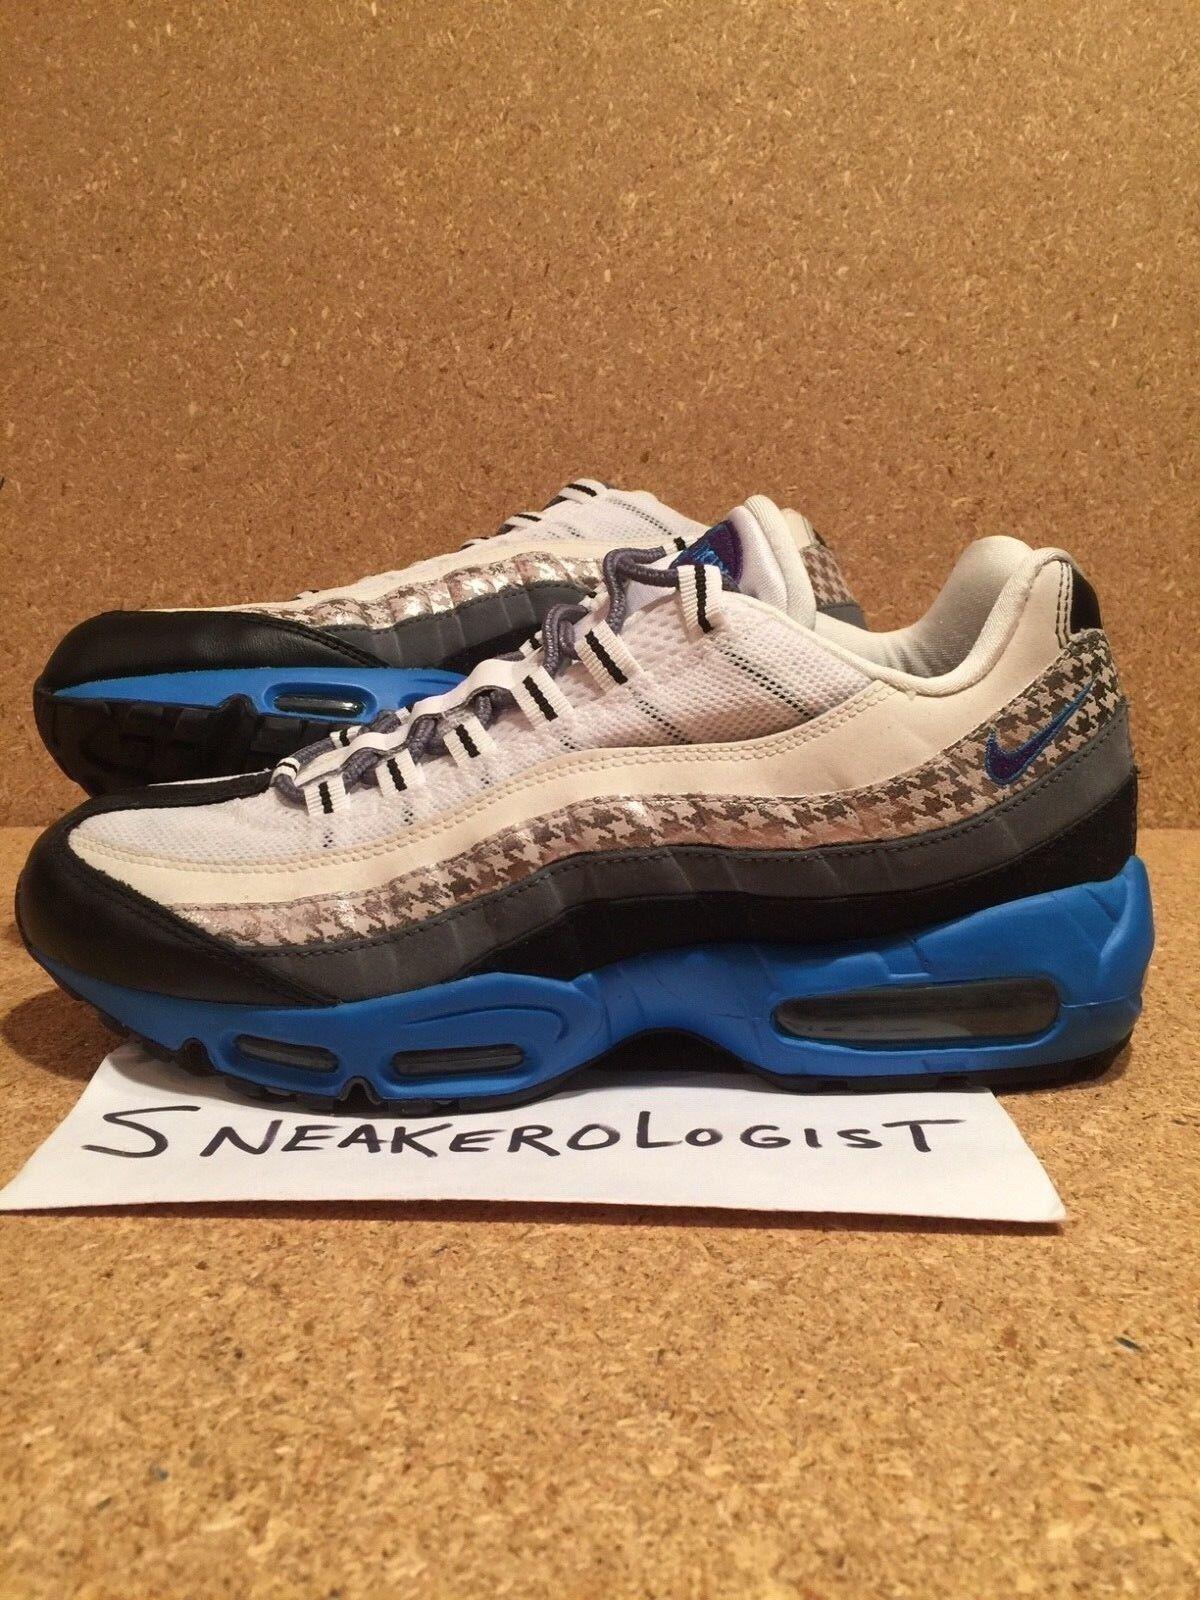 Nike air max 95 sz schwarz 9,5 houndstooth pack weißer violett, grau - schwarz sz 2008 le selten qs 5cfff6